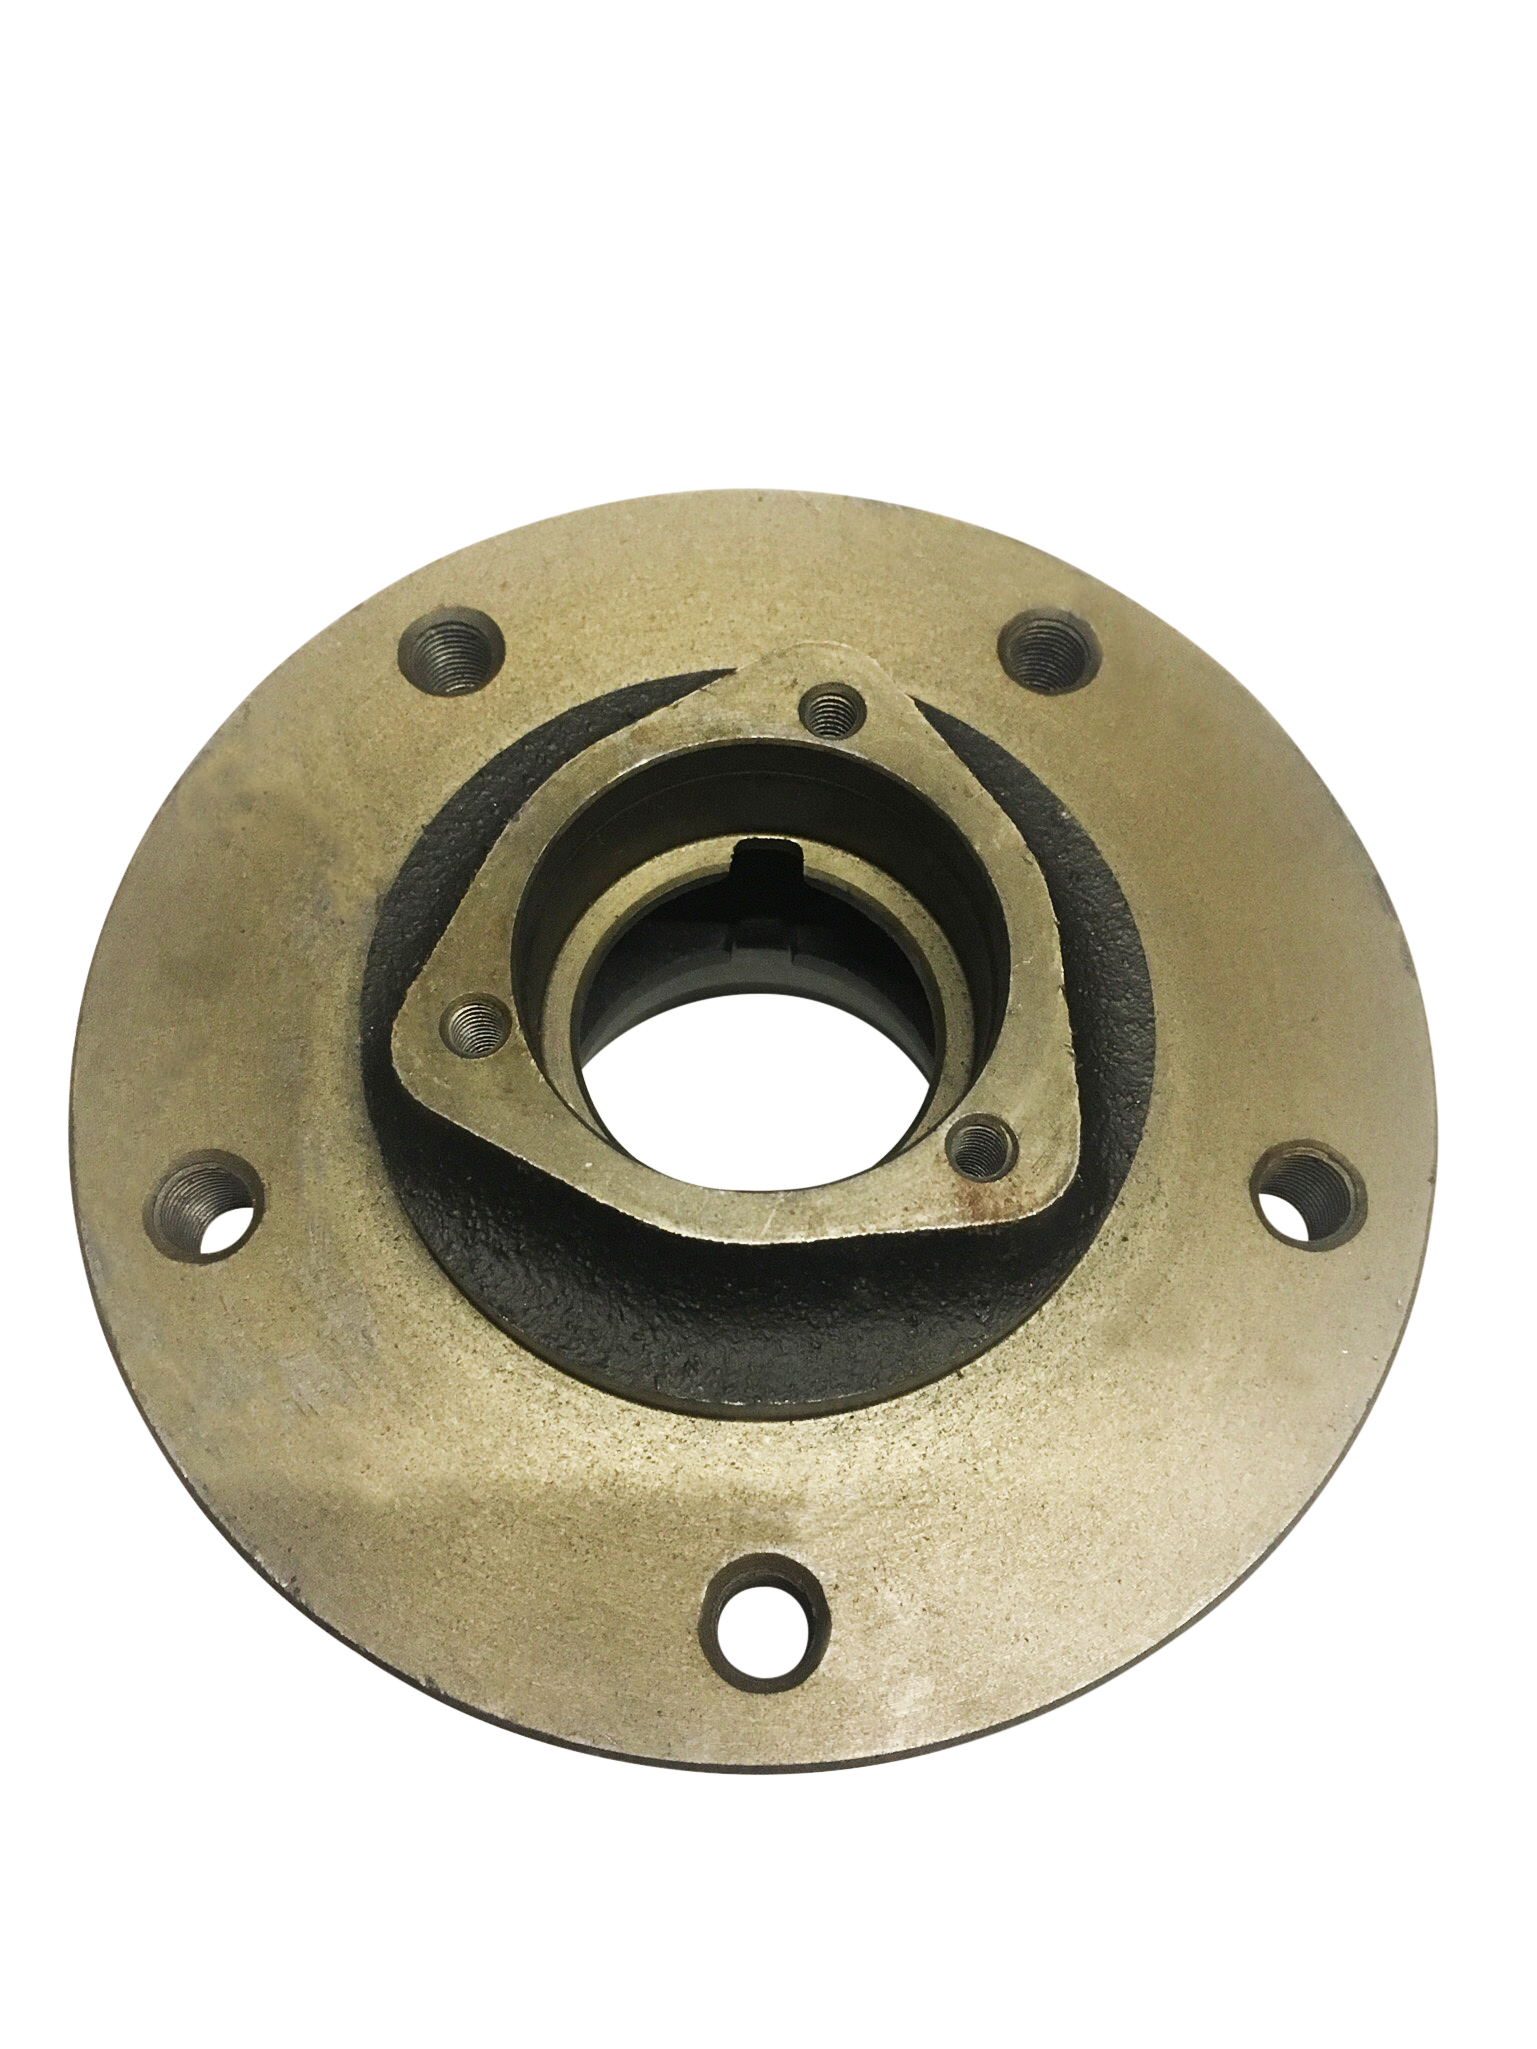 Gasdruckfeder Heckscheibe Case IH 3221531R1